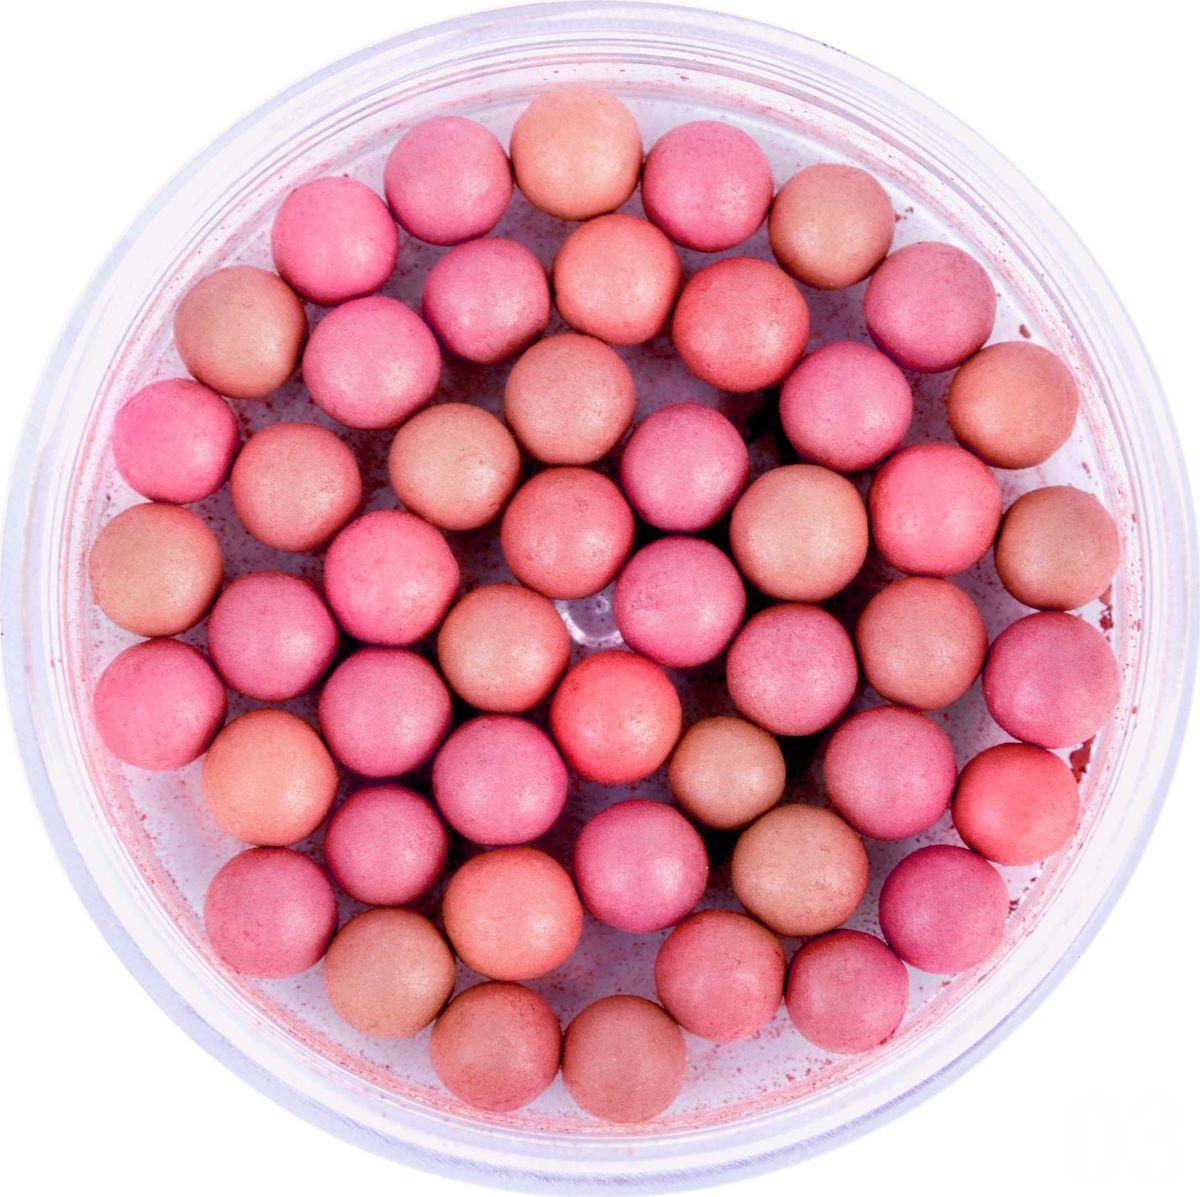 Румяна шариковые Parisa B-04, № 03 Натурально-розовый микс, 10 г